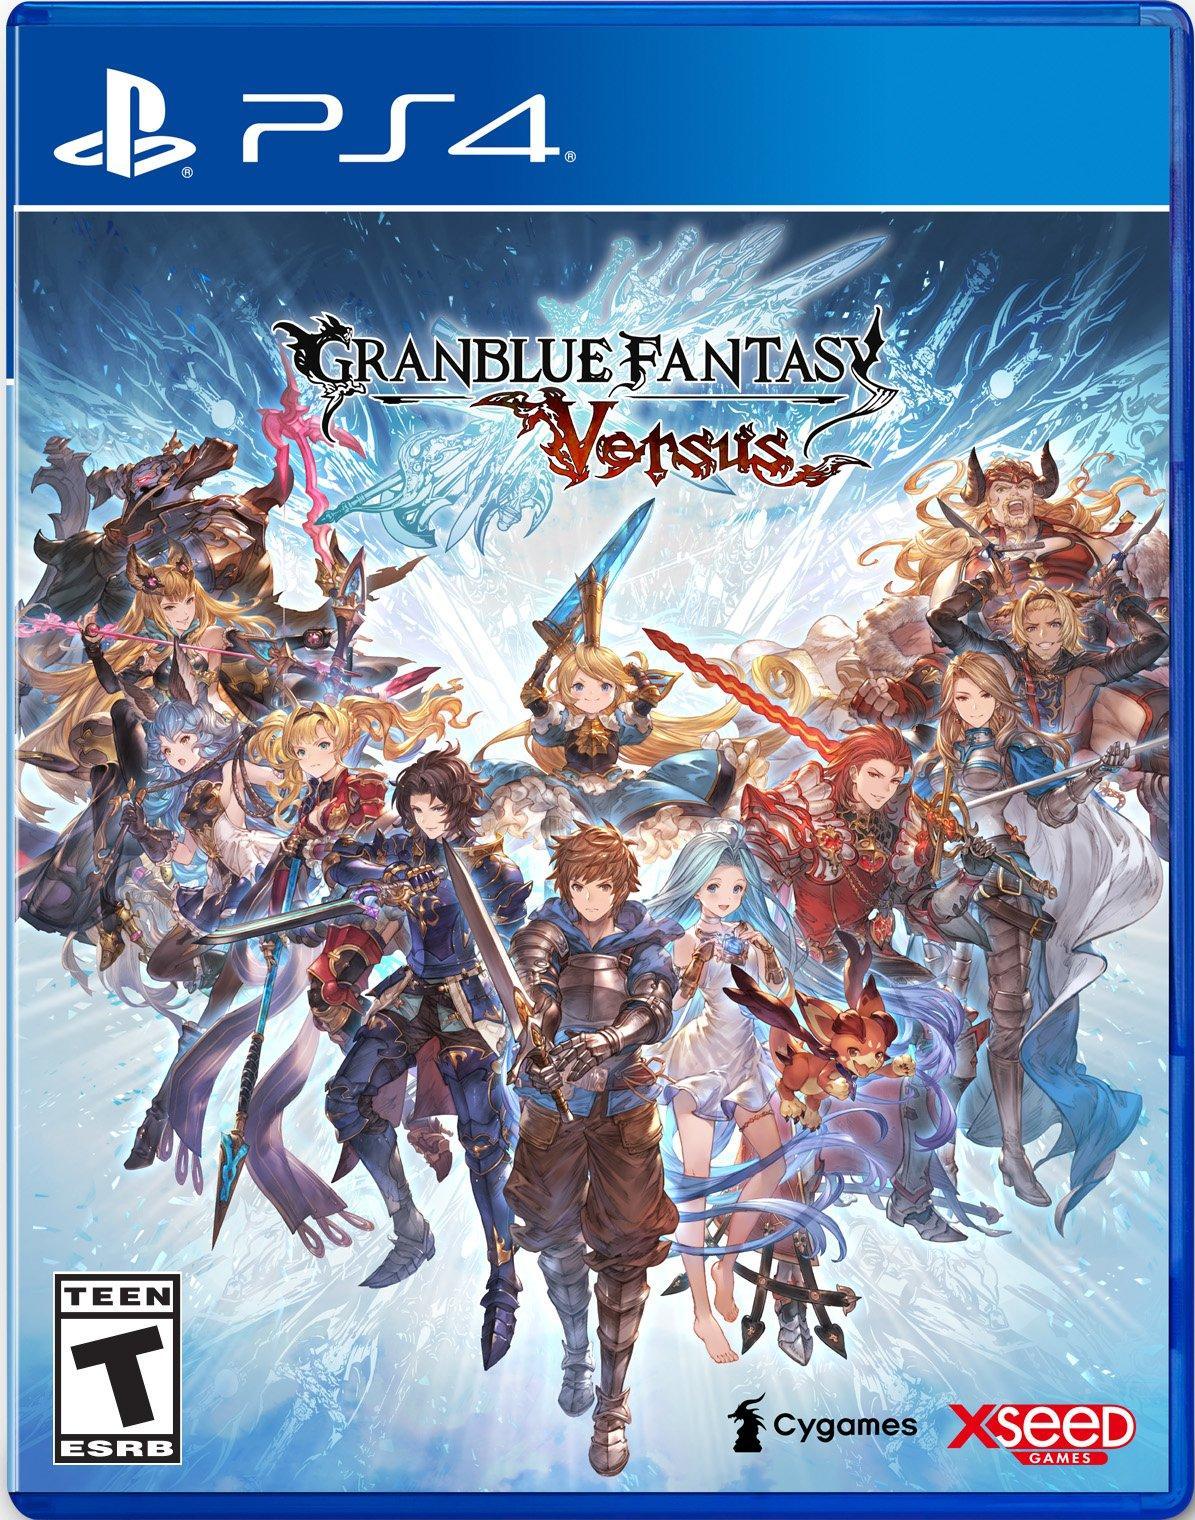 Granblue Fantasy: Versus | PlayStation 4 | GameStop